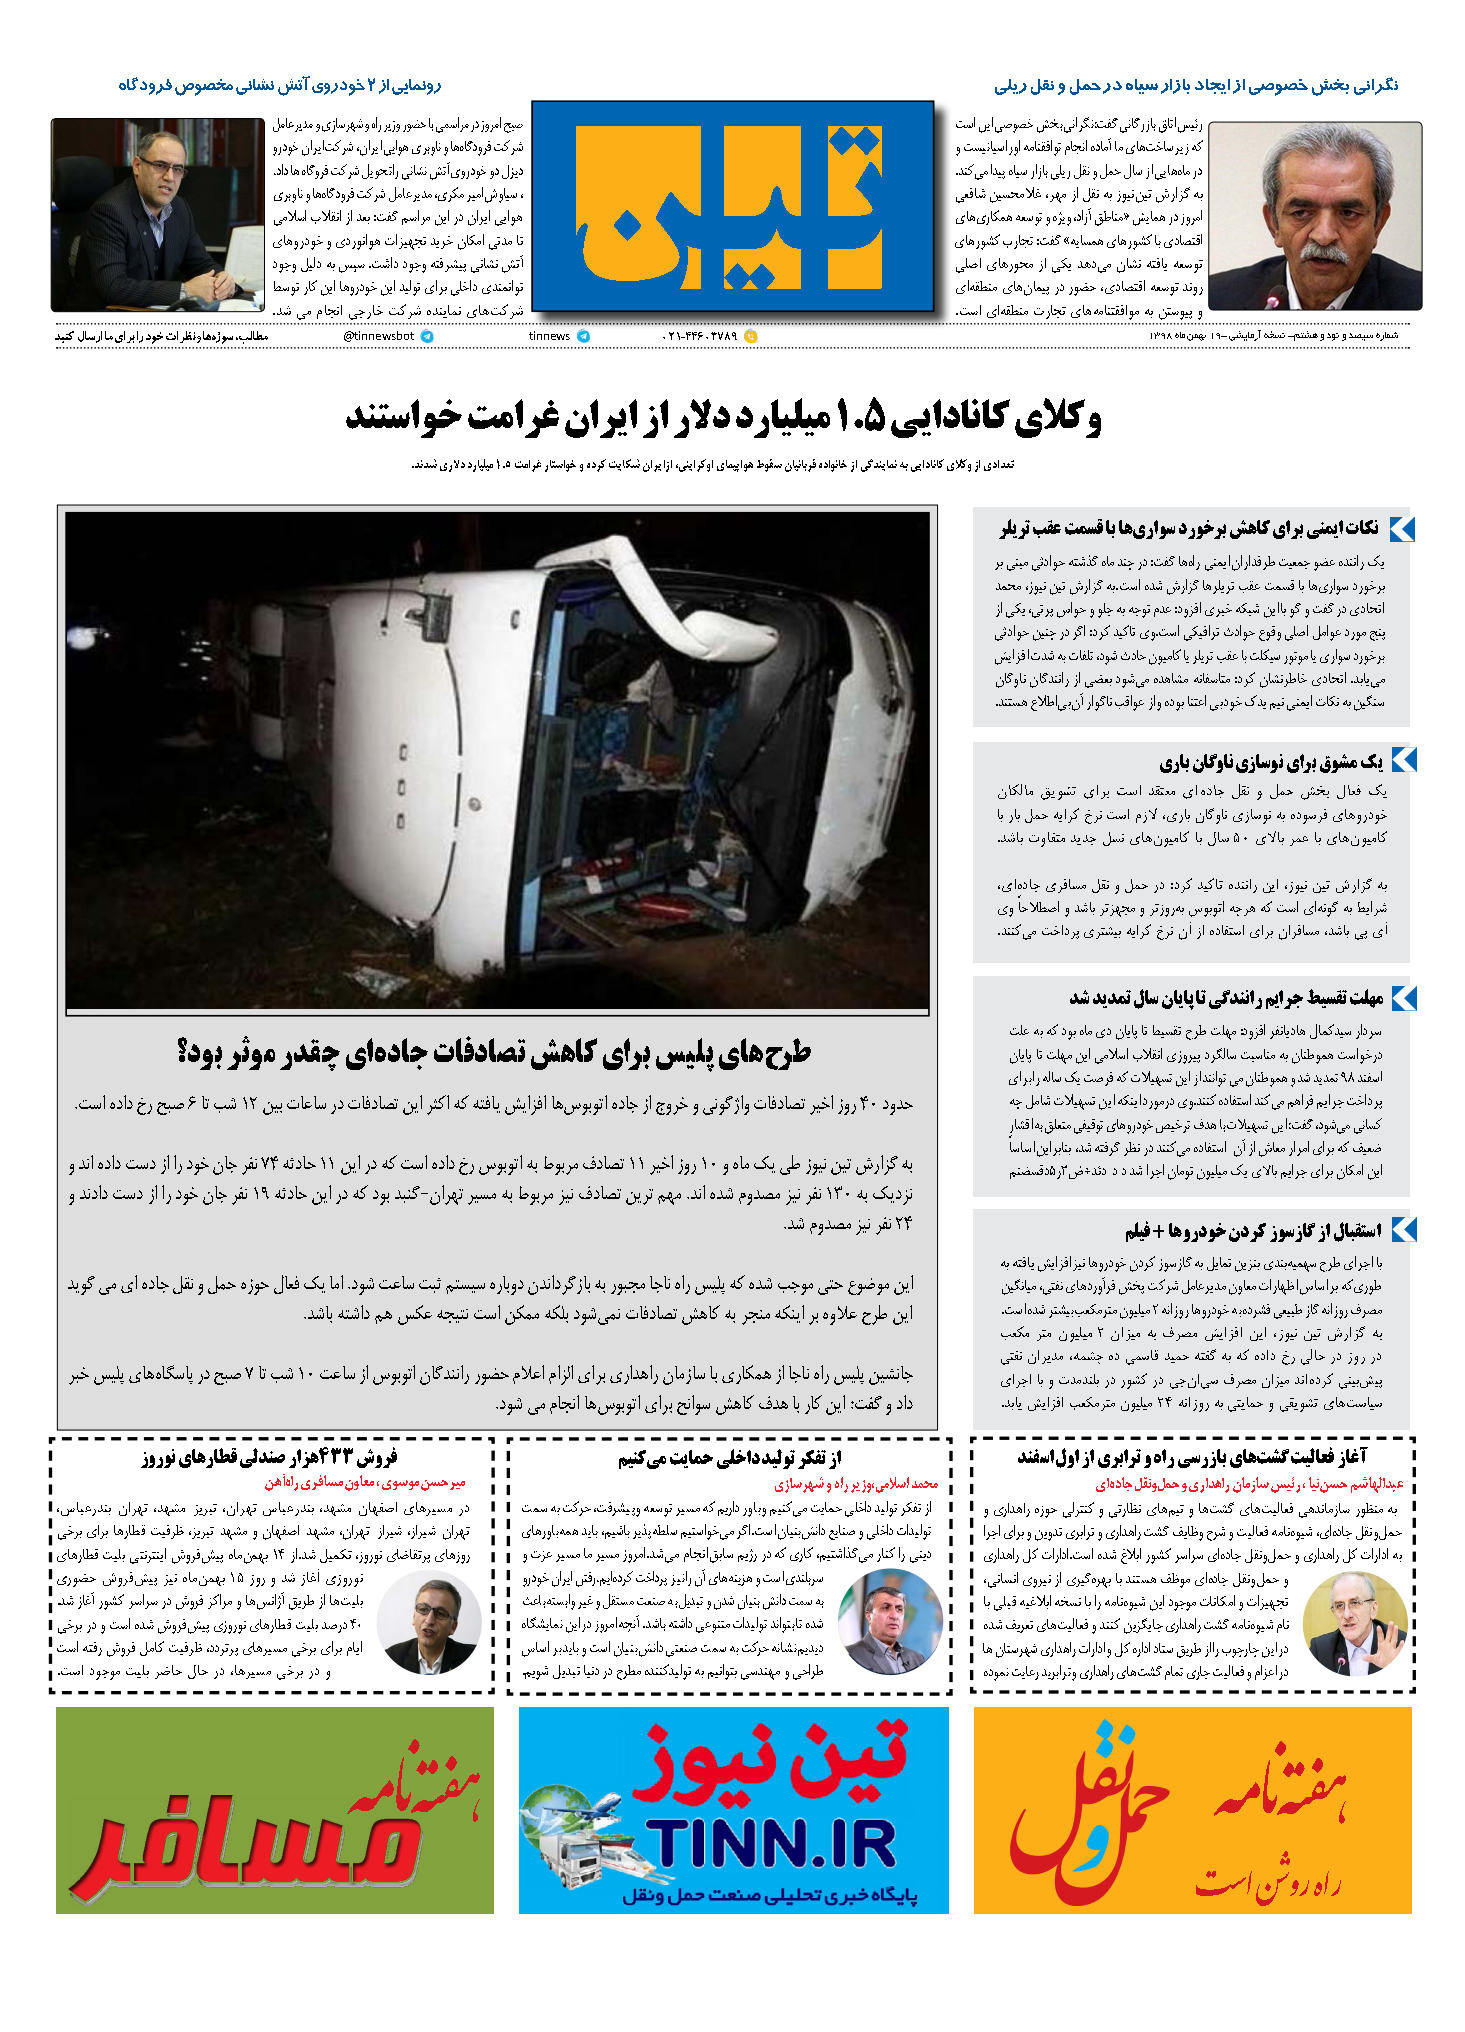 روزنامه الکترونیک 19 بهمن ماه 98